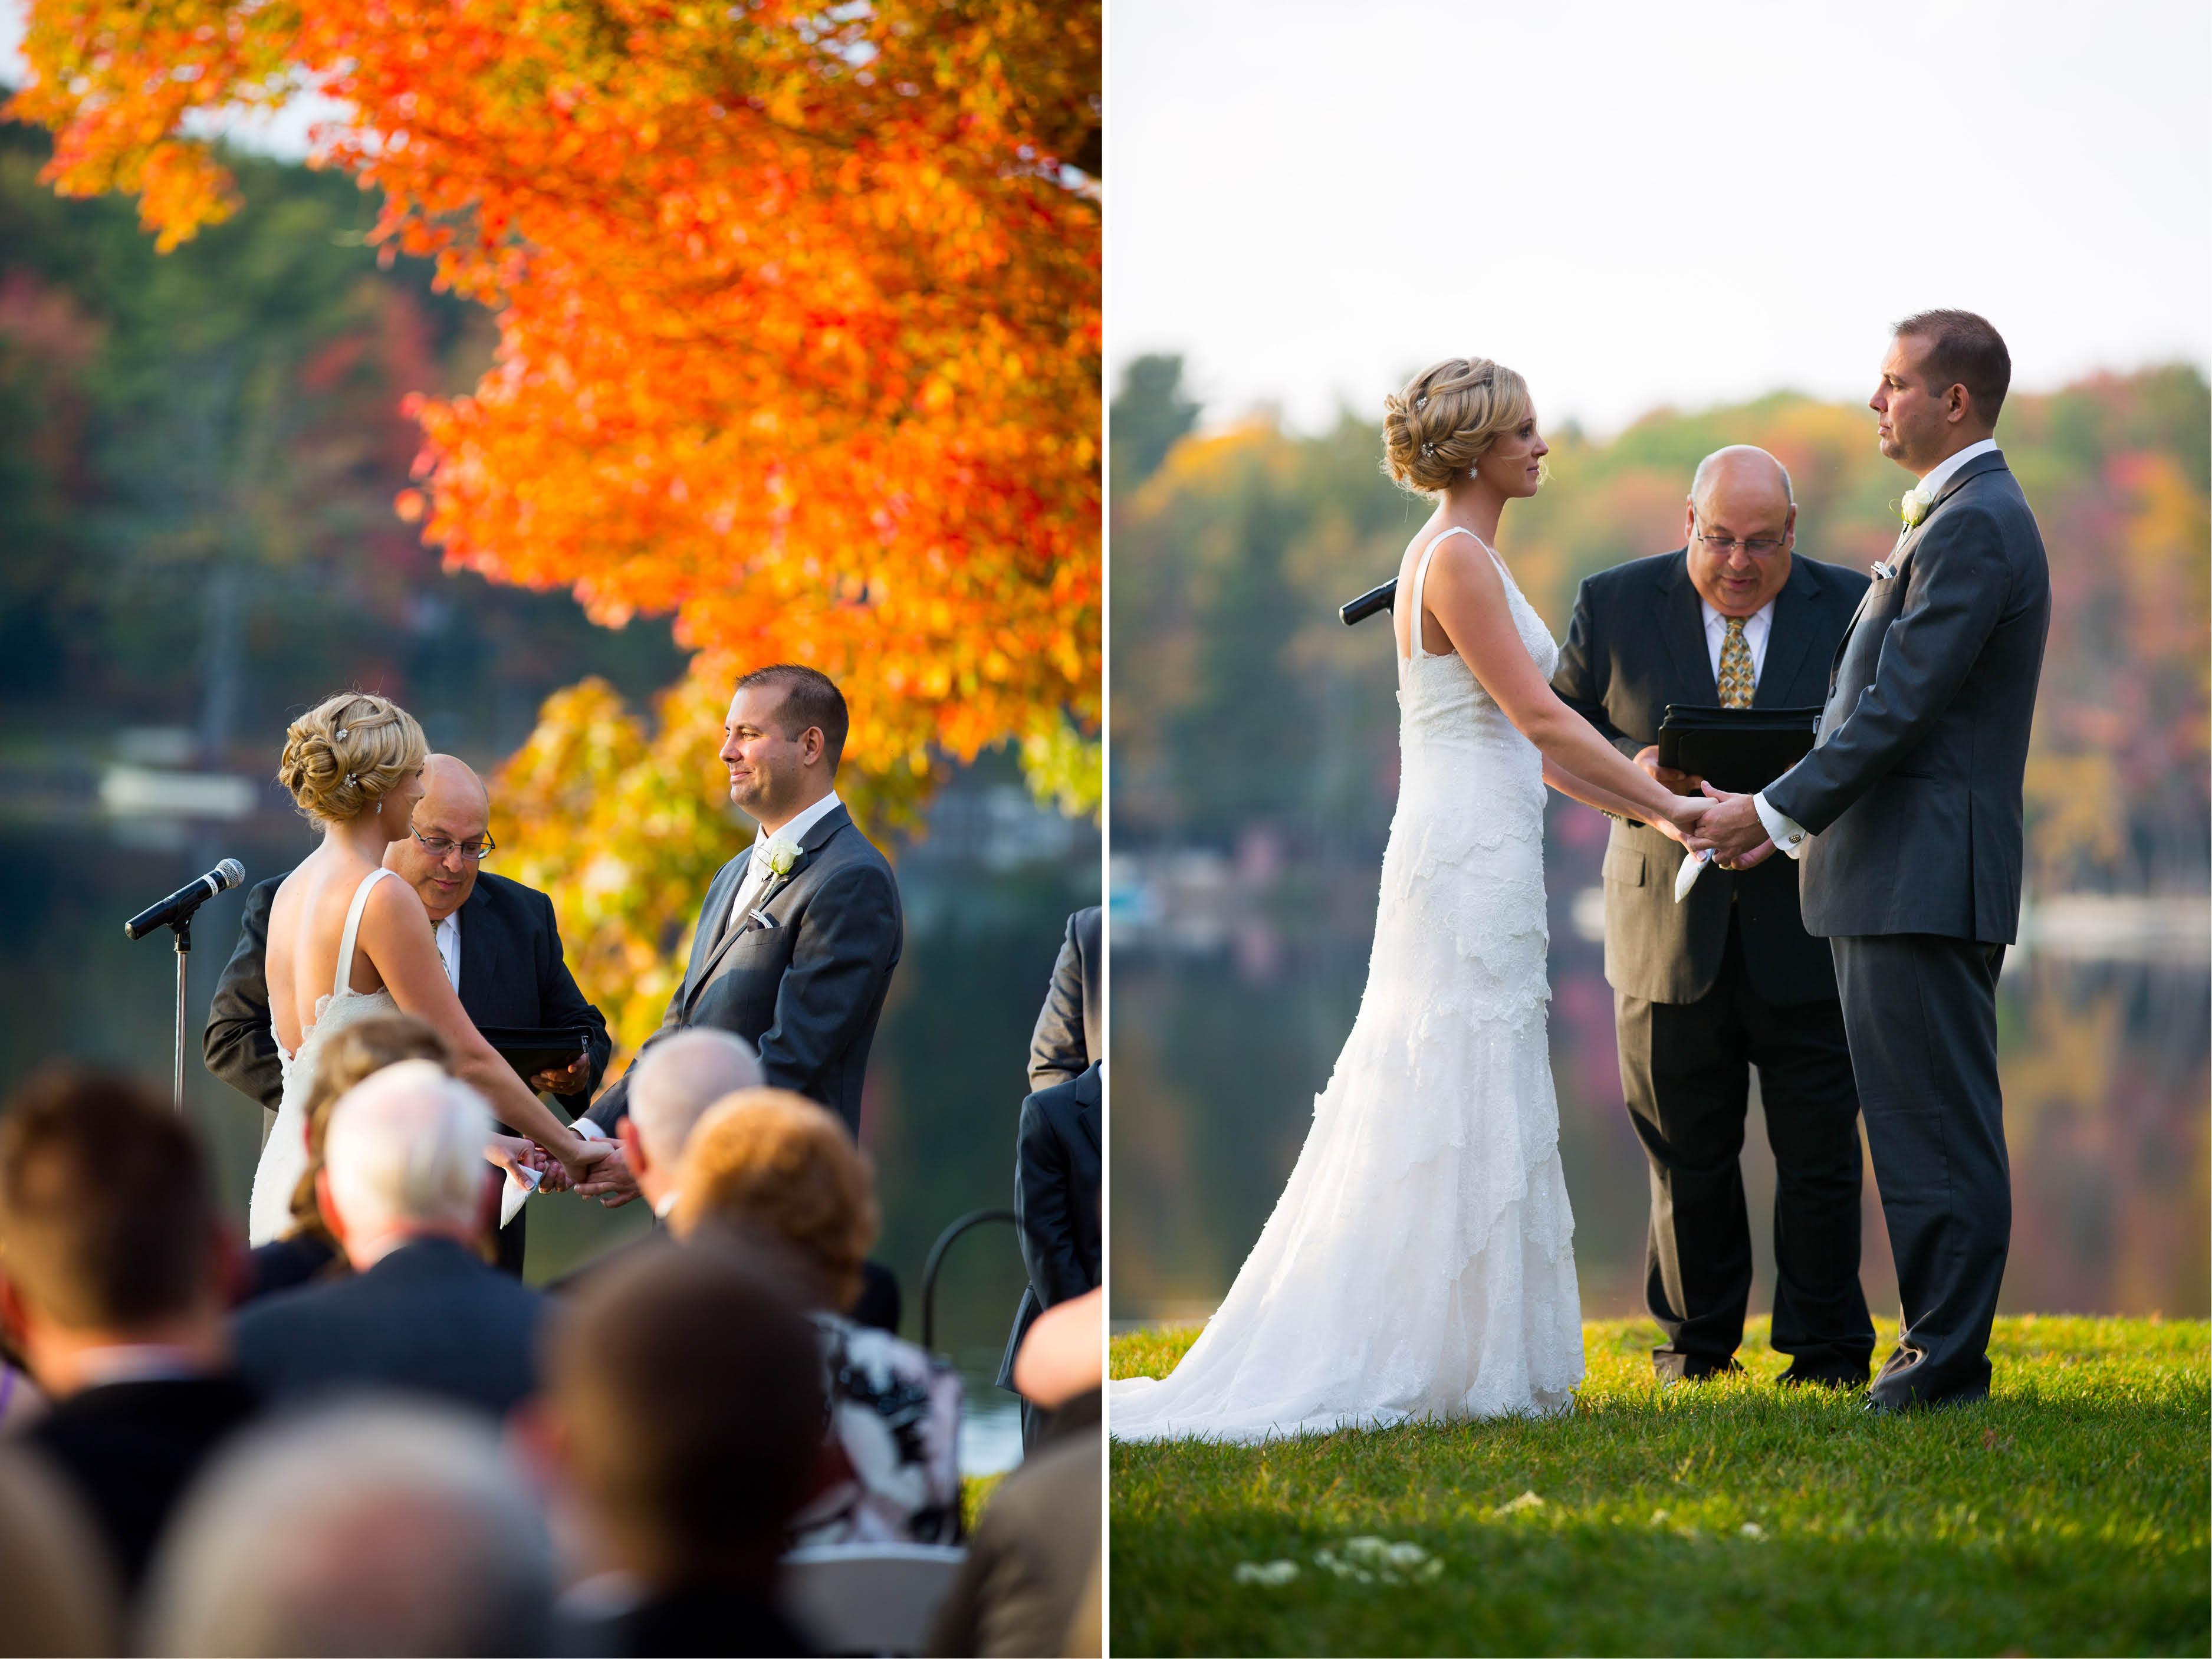 woodloch wedding9